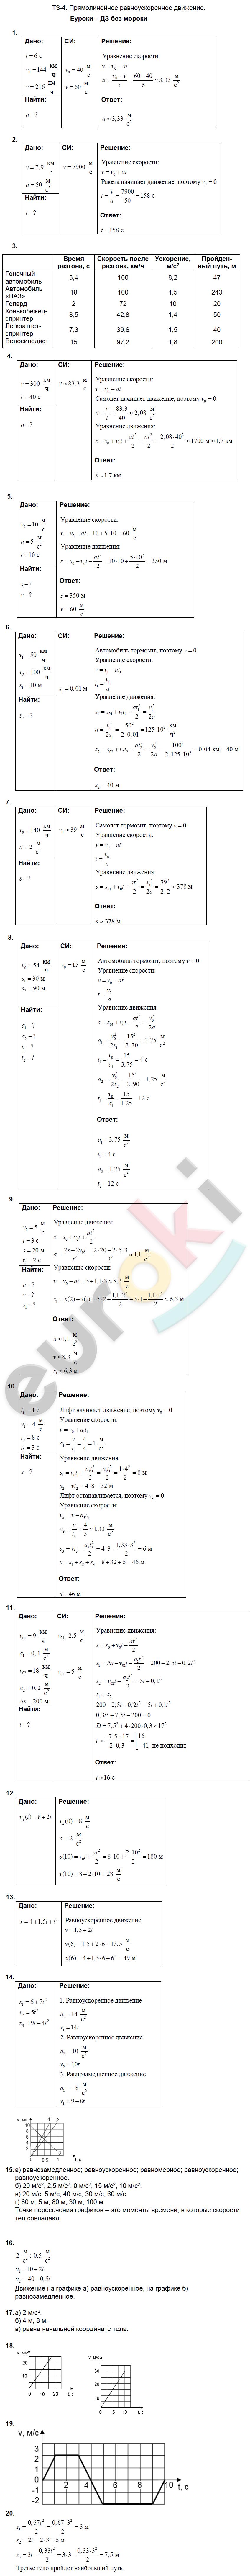 марон 10 класс дидактические материалы решебник онлайн